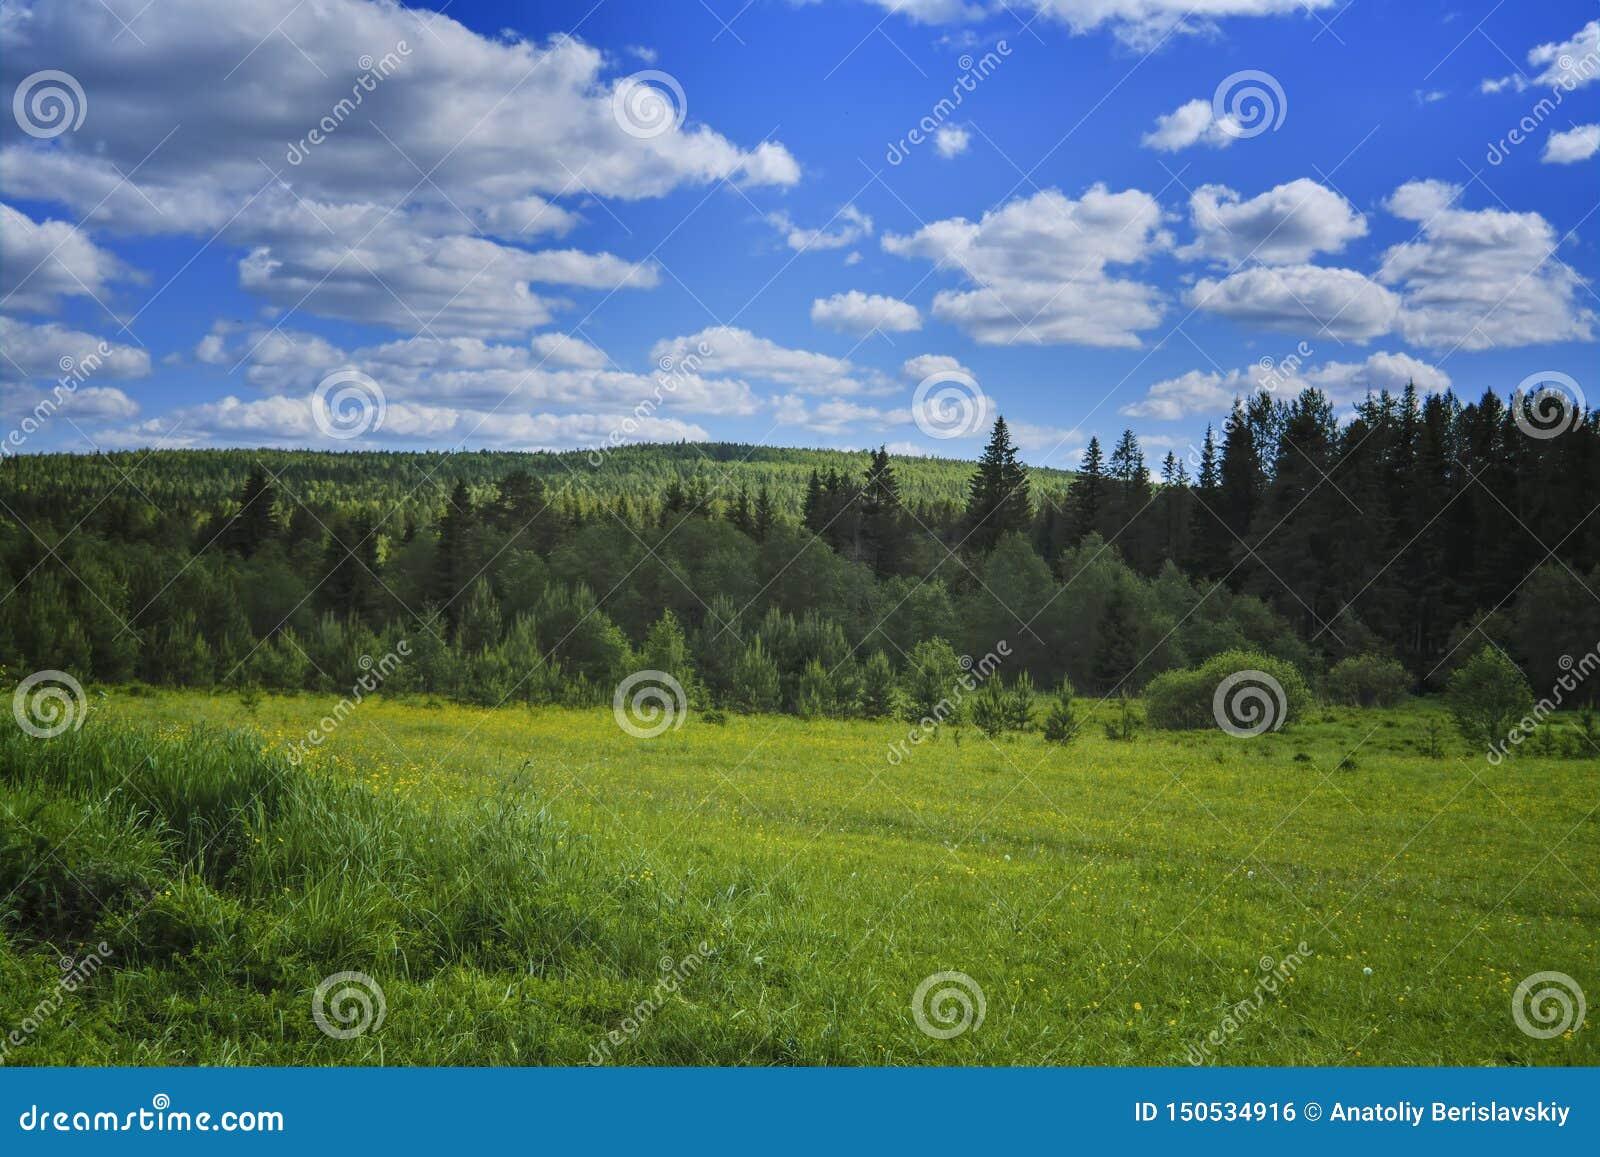 Het landschap van de de zomerweide met groen gras en wilde bloemen op de achtergrond van een naald bos en blauwe hemel